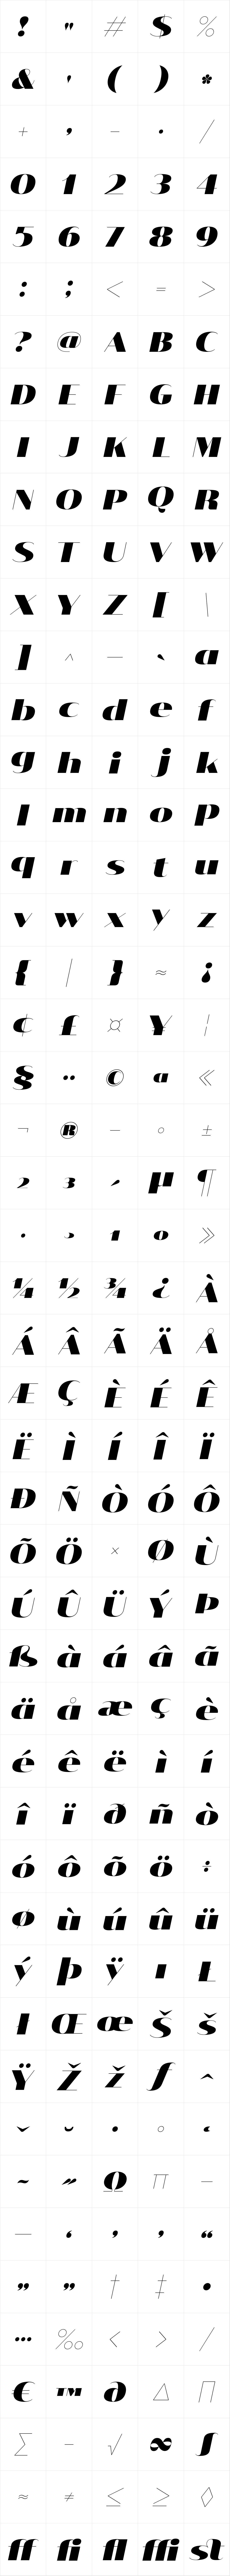 Vage Black Italic